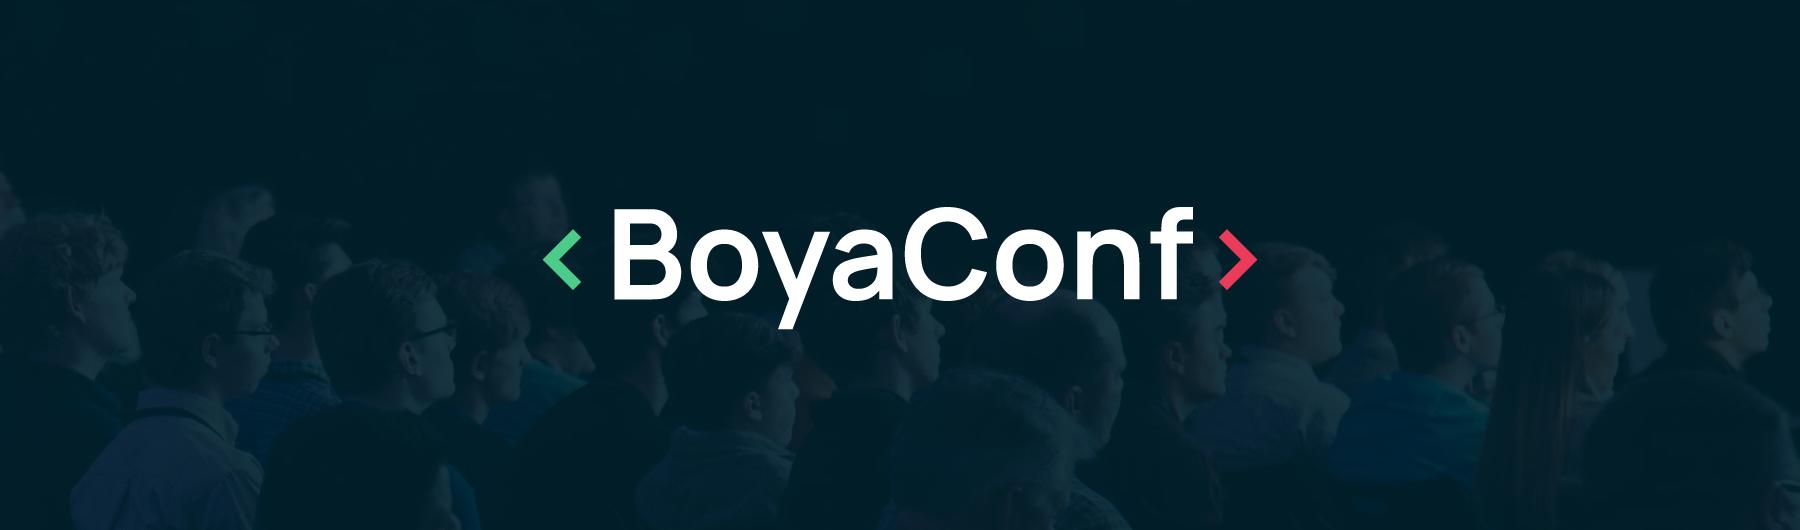 BoyaConf 2019